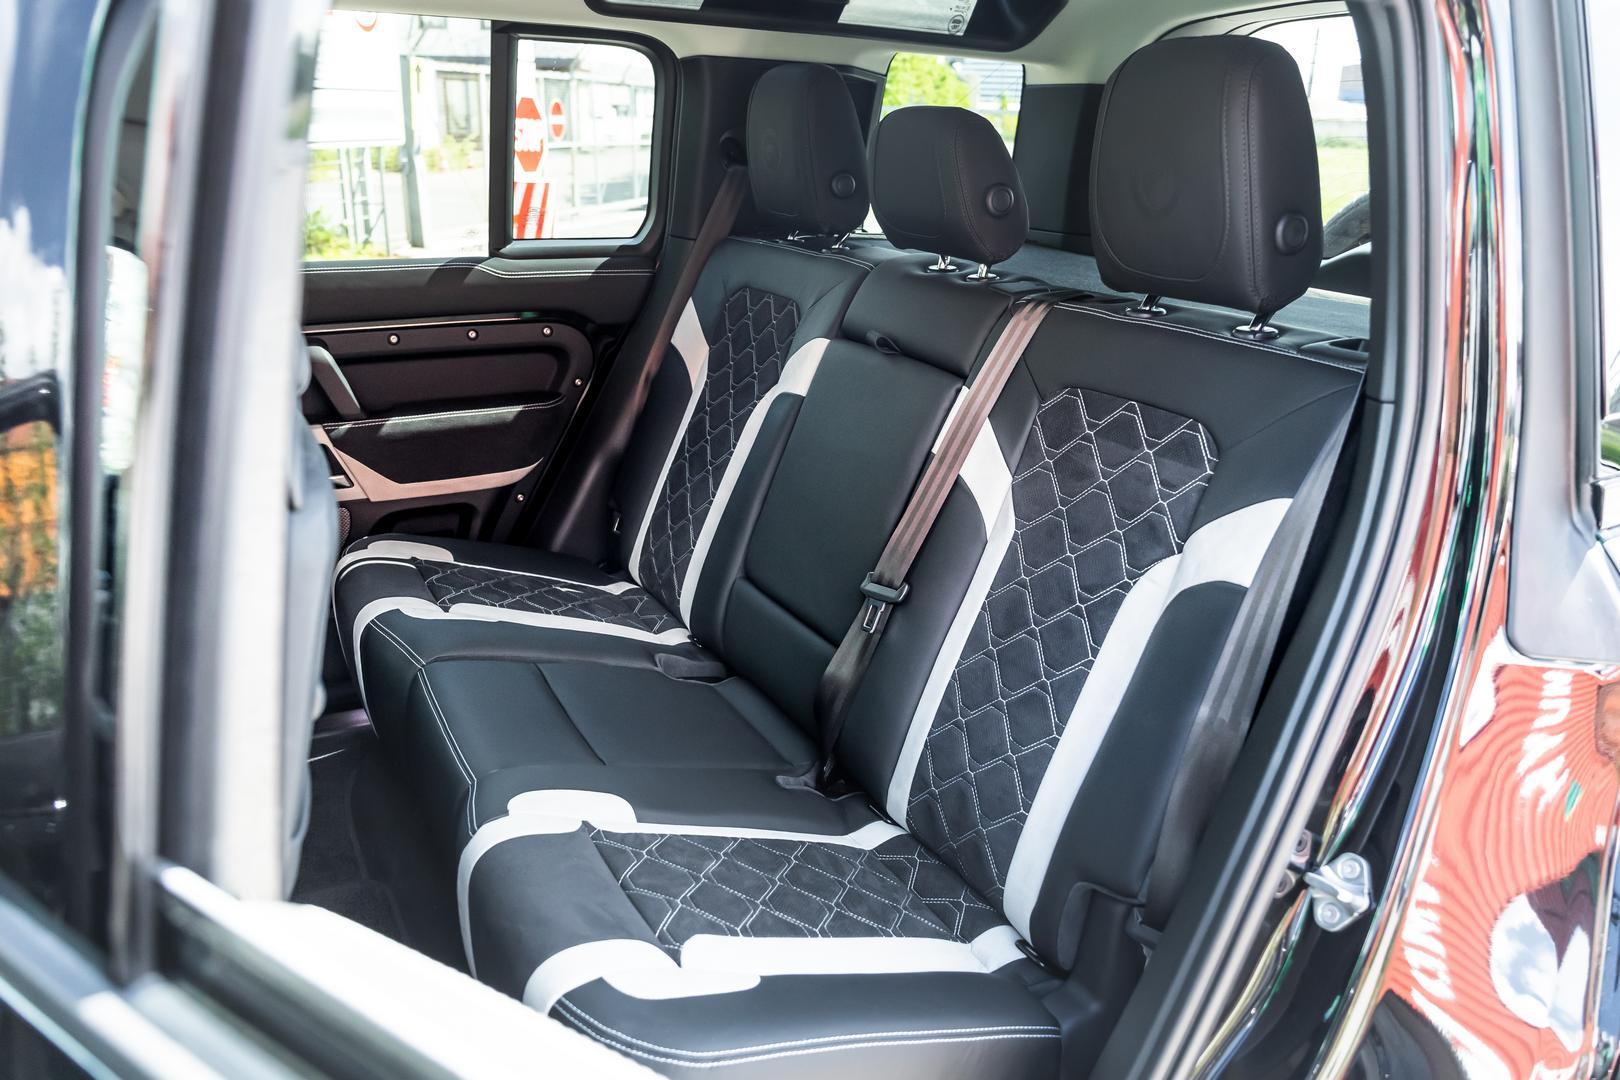 Manhart Defender rear seats